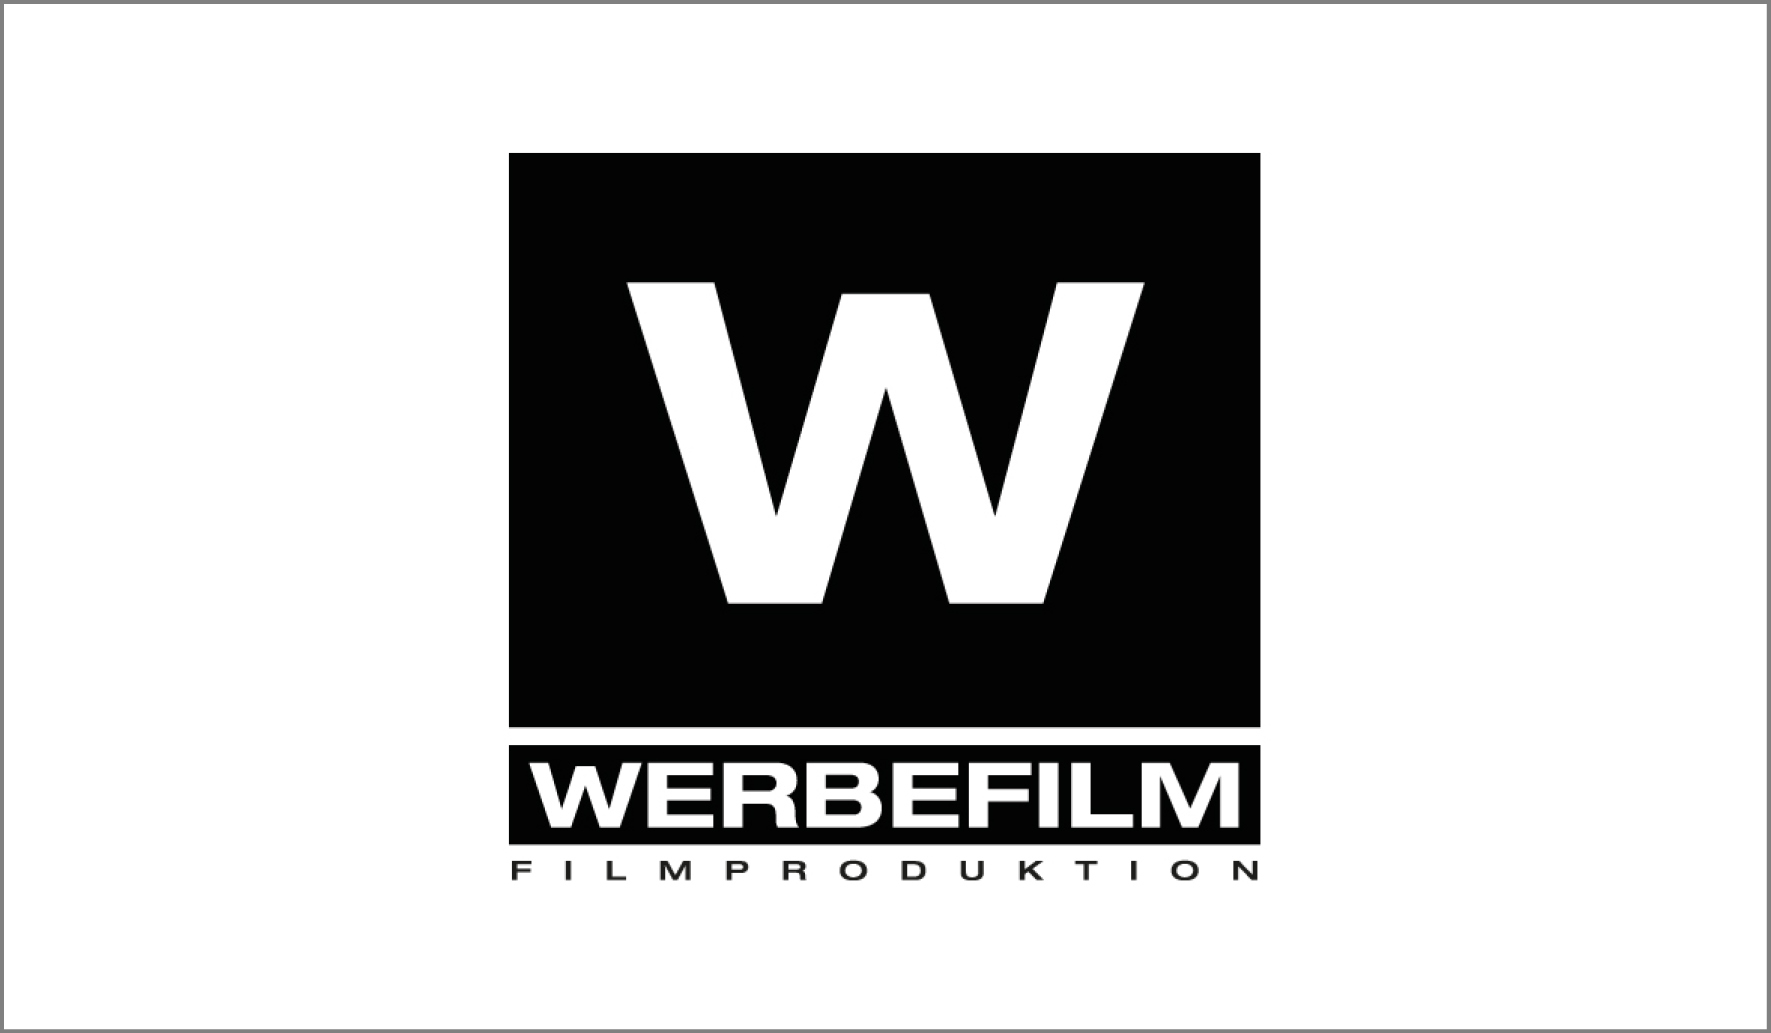 werbefilm-filmproduktion-f